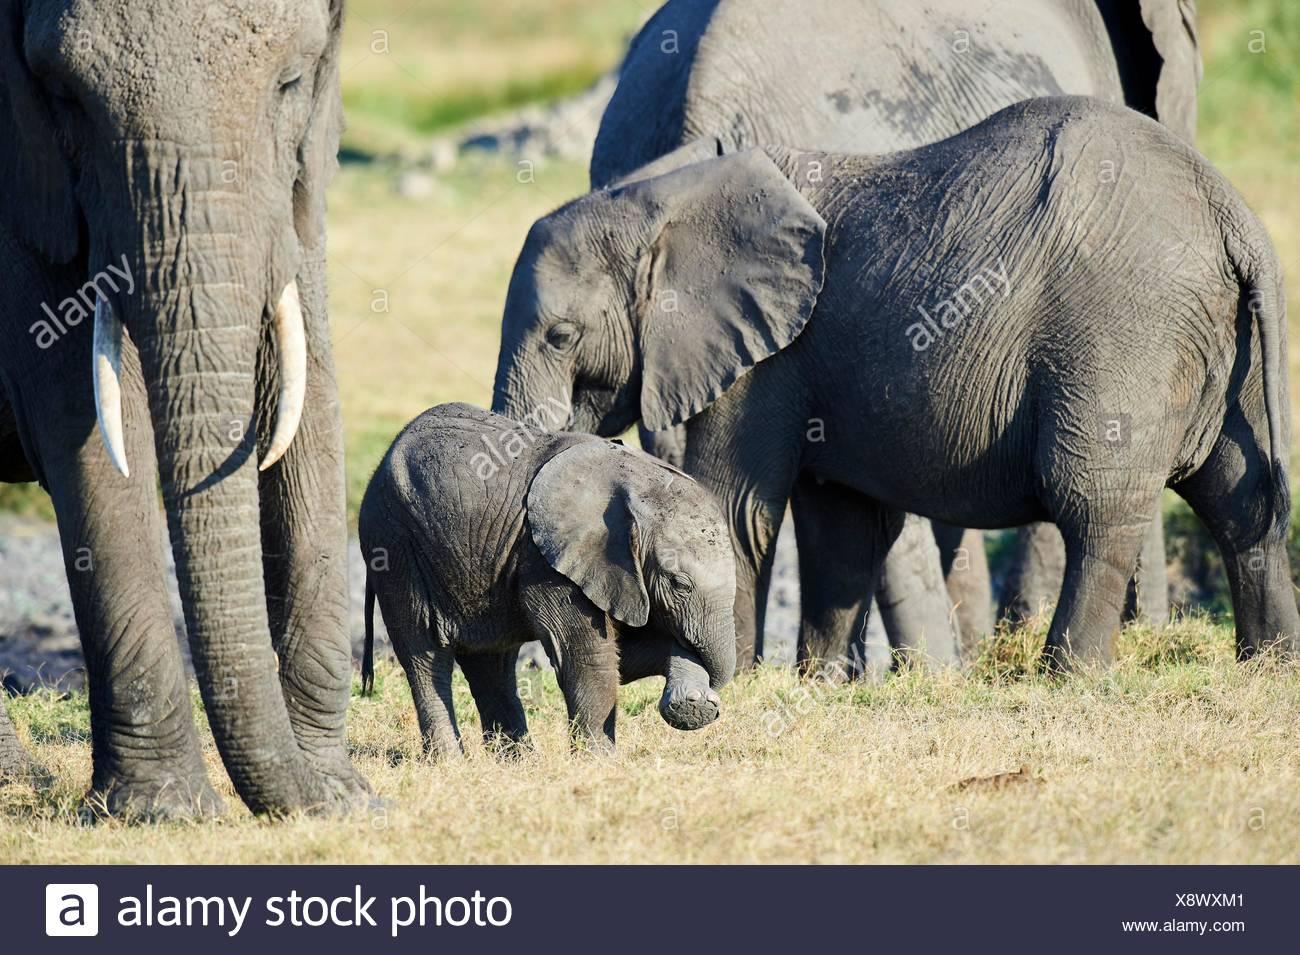 Familia de elefantes africanos con la madre y cría (Loxodonta africana), Duba Plains, el delta del Okavango, Botswana, África del Sur. Foto de stock